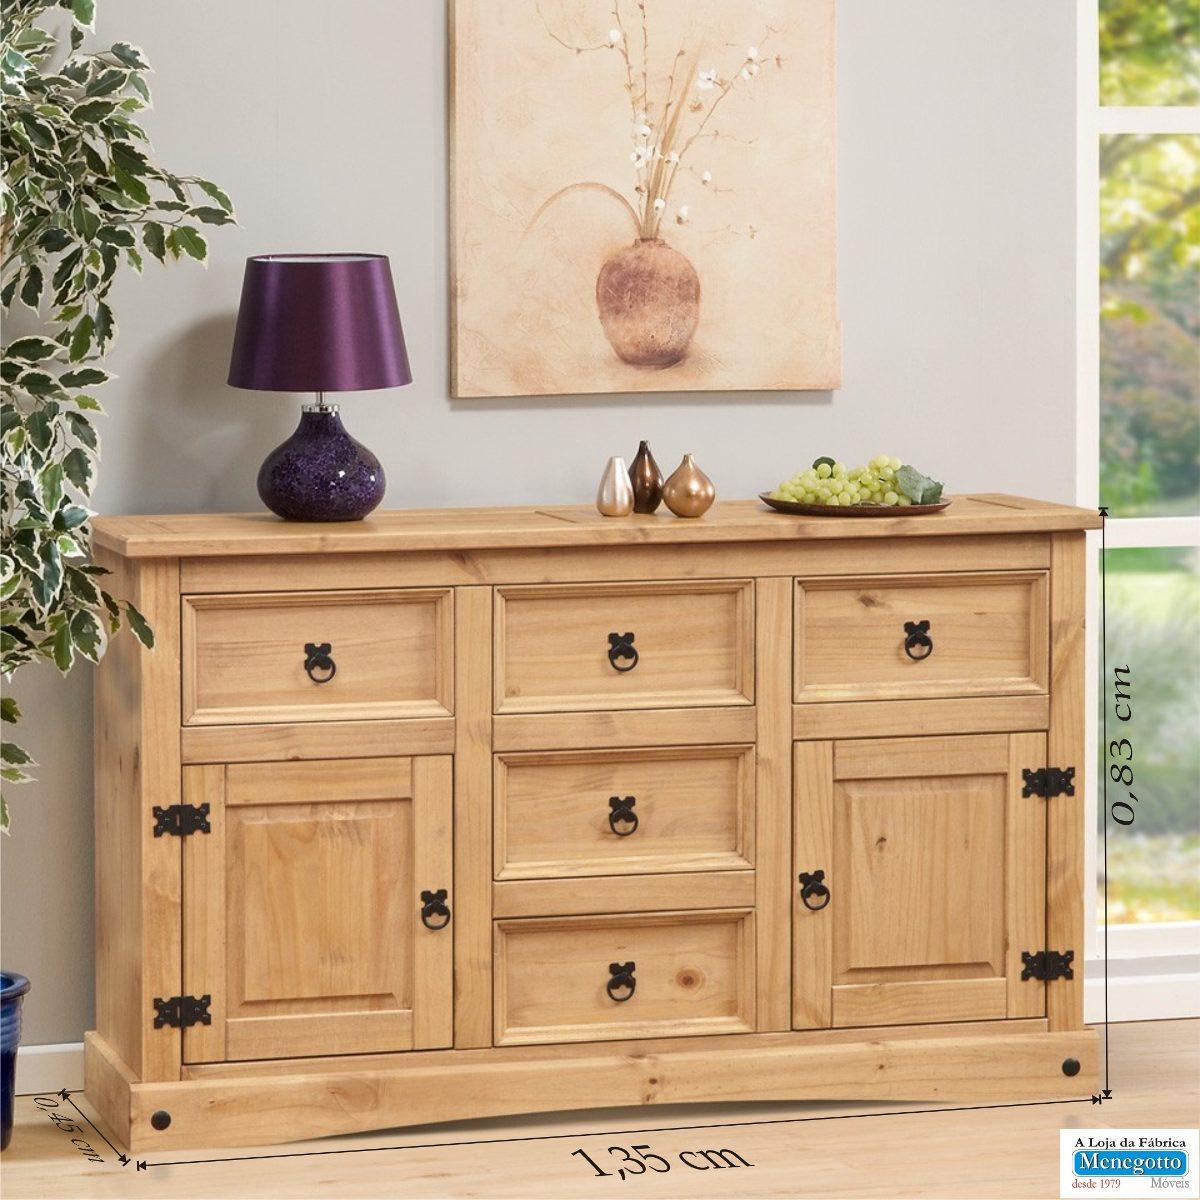 aparador;rustico madeira Maciça;armario R$ 694 00 em Mercado Livre #986C33 1200x1200 Balcao Banheiro Mercado Livre